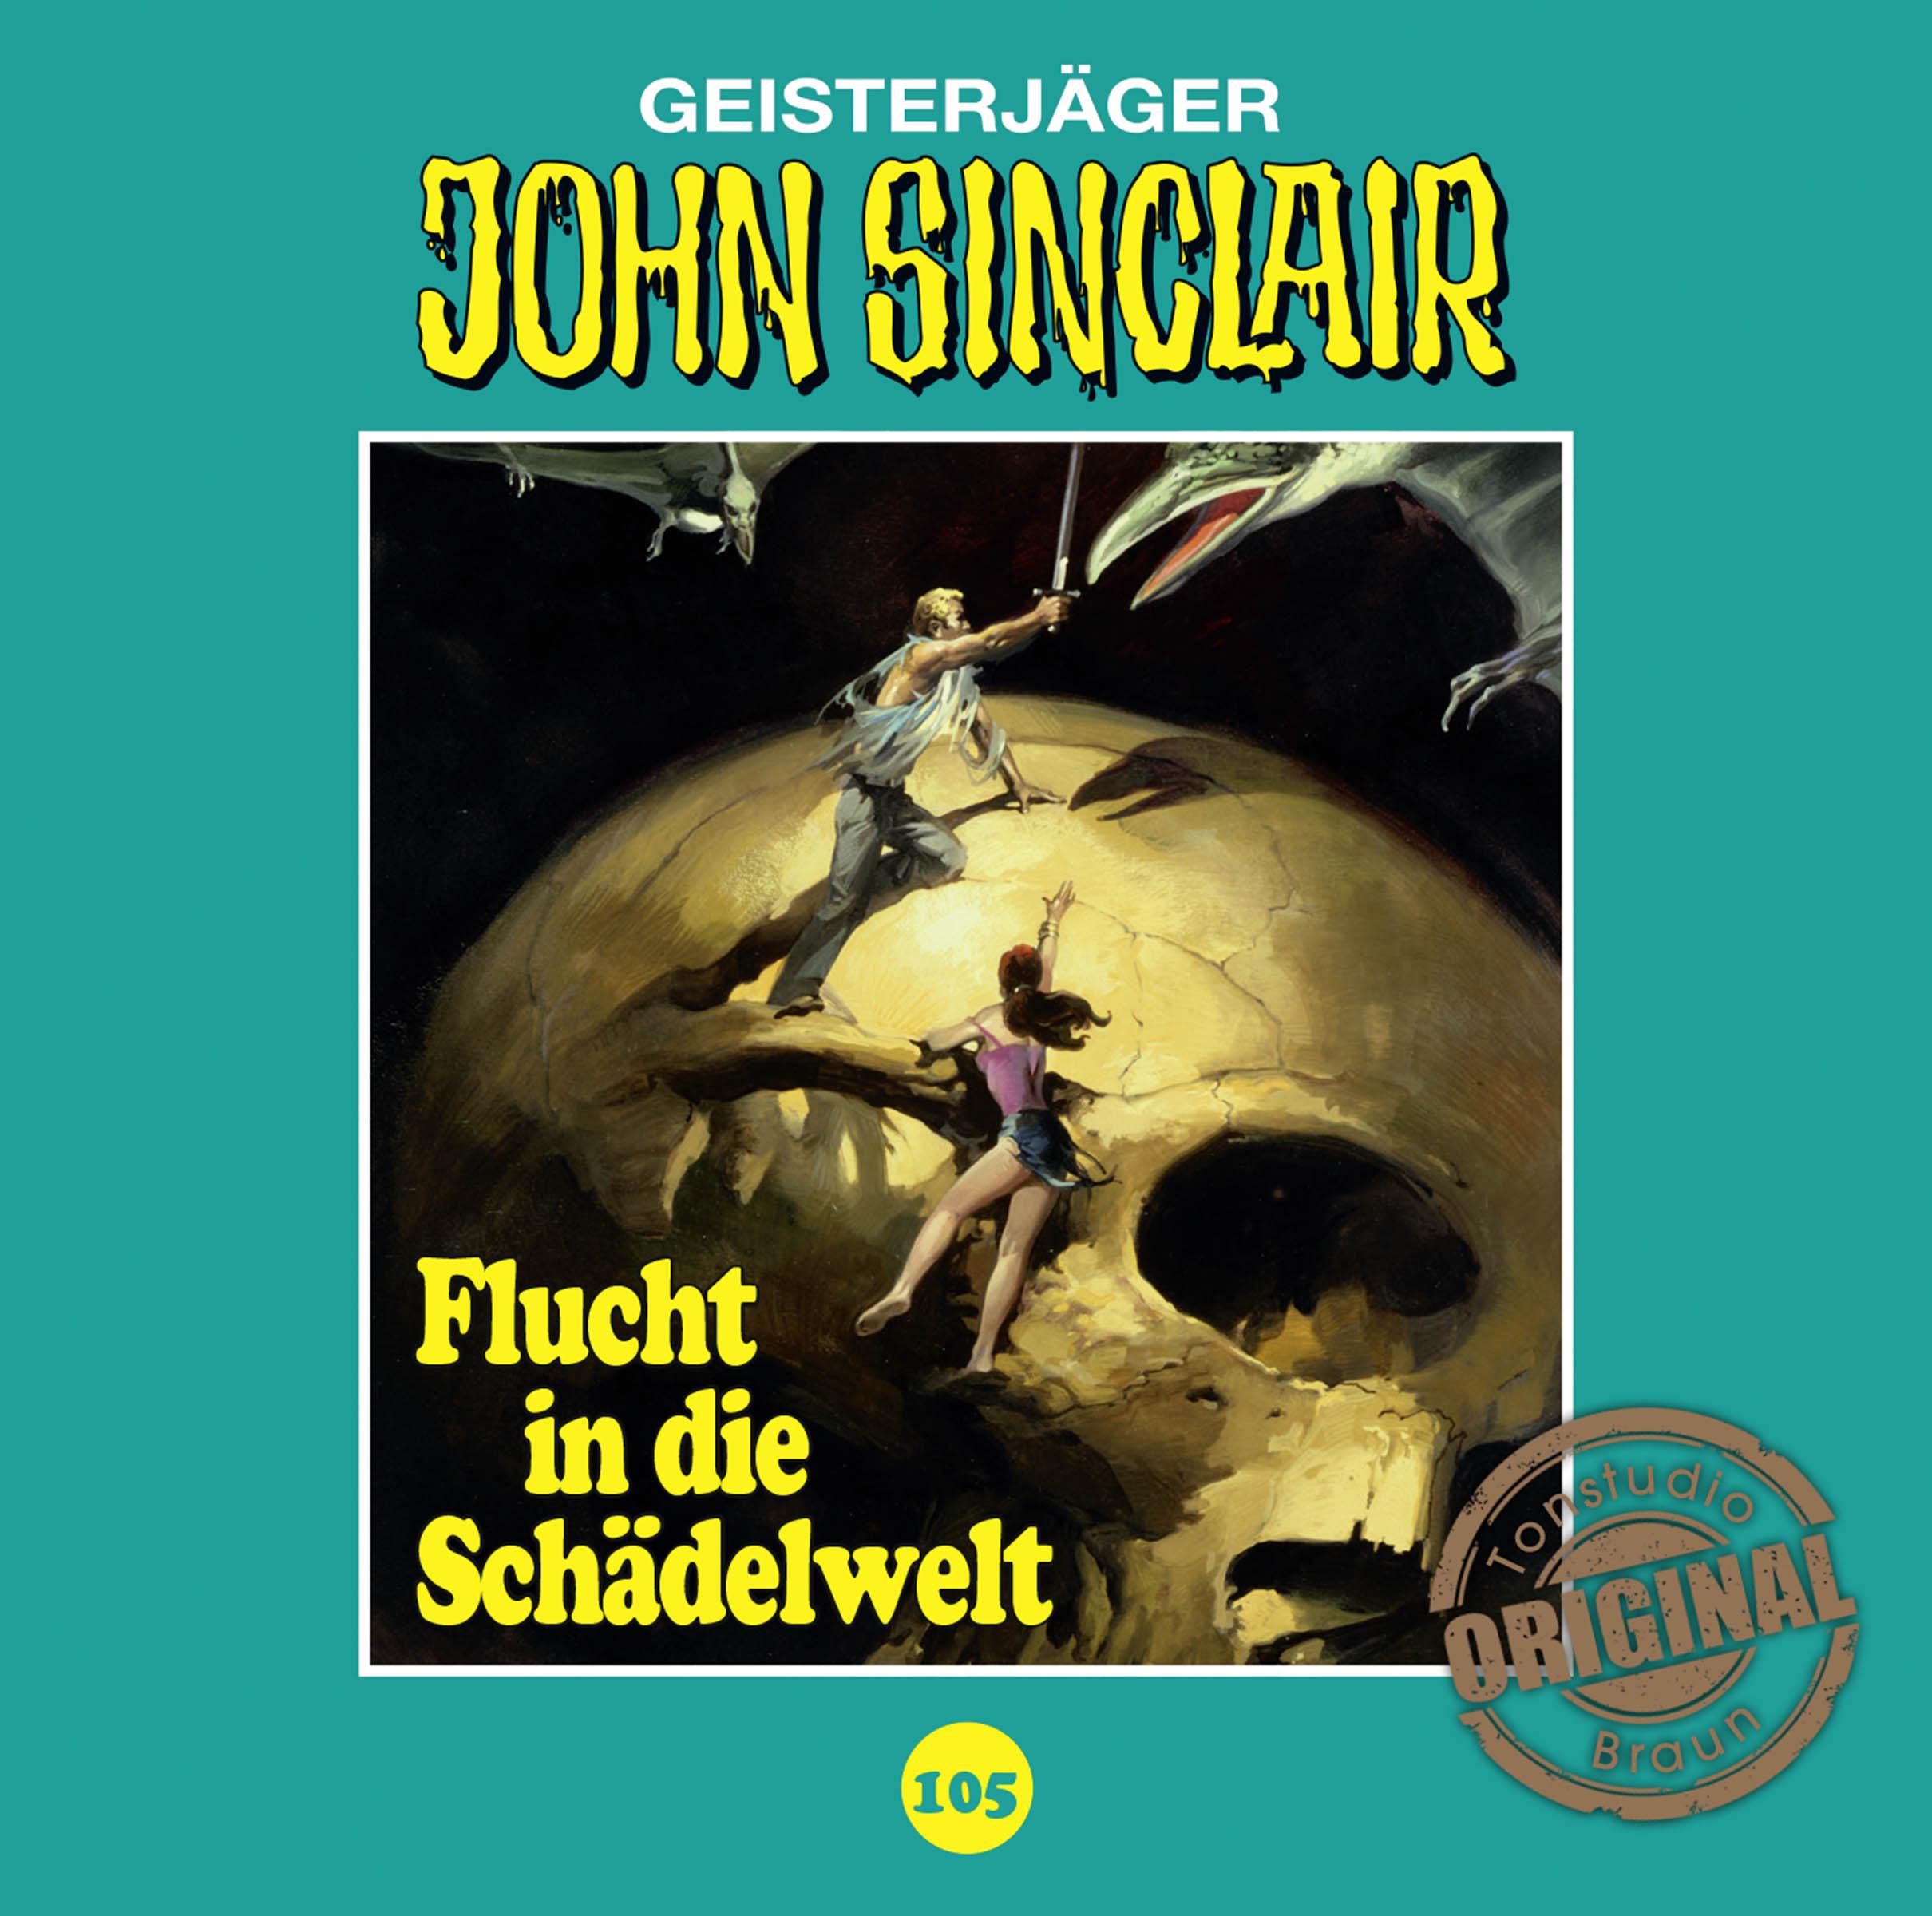 John Sinclair Tonstudio Braun - Folge 105: Flucht in die Schädelwelt